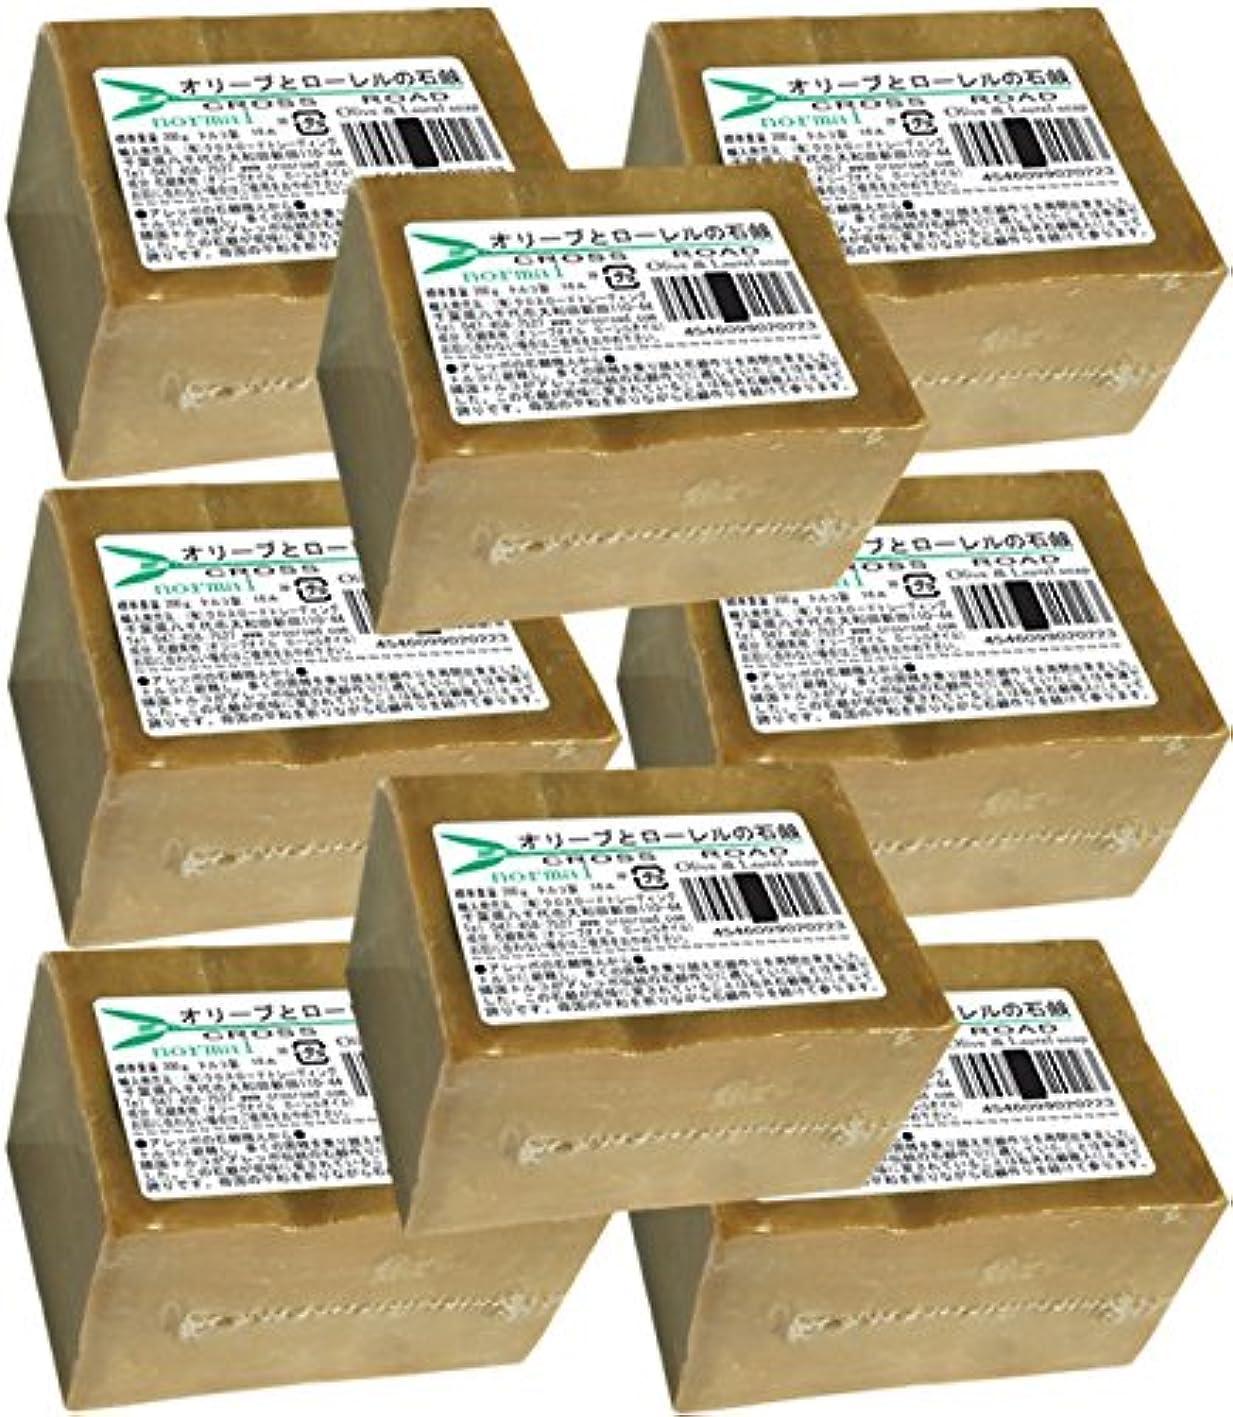 アドバイス回転アリーナオリーブとローレルの石鹸(ノーマル)8個セット[並行輸入品]